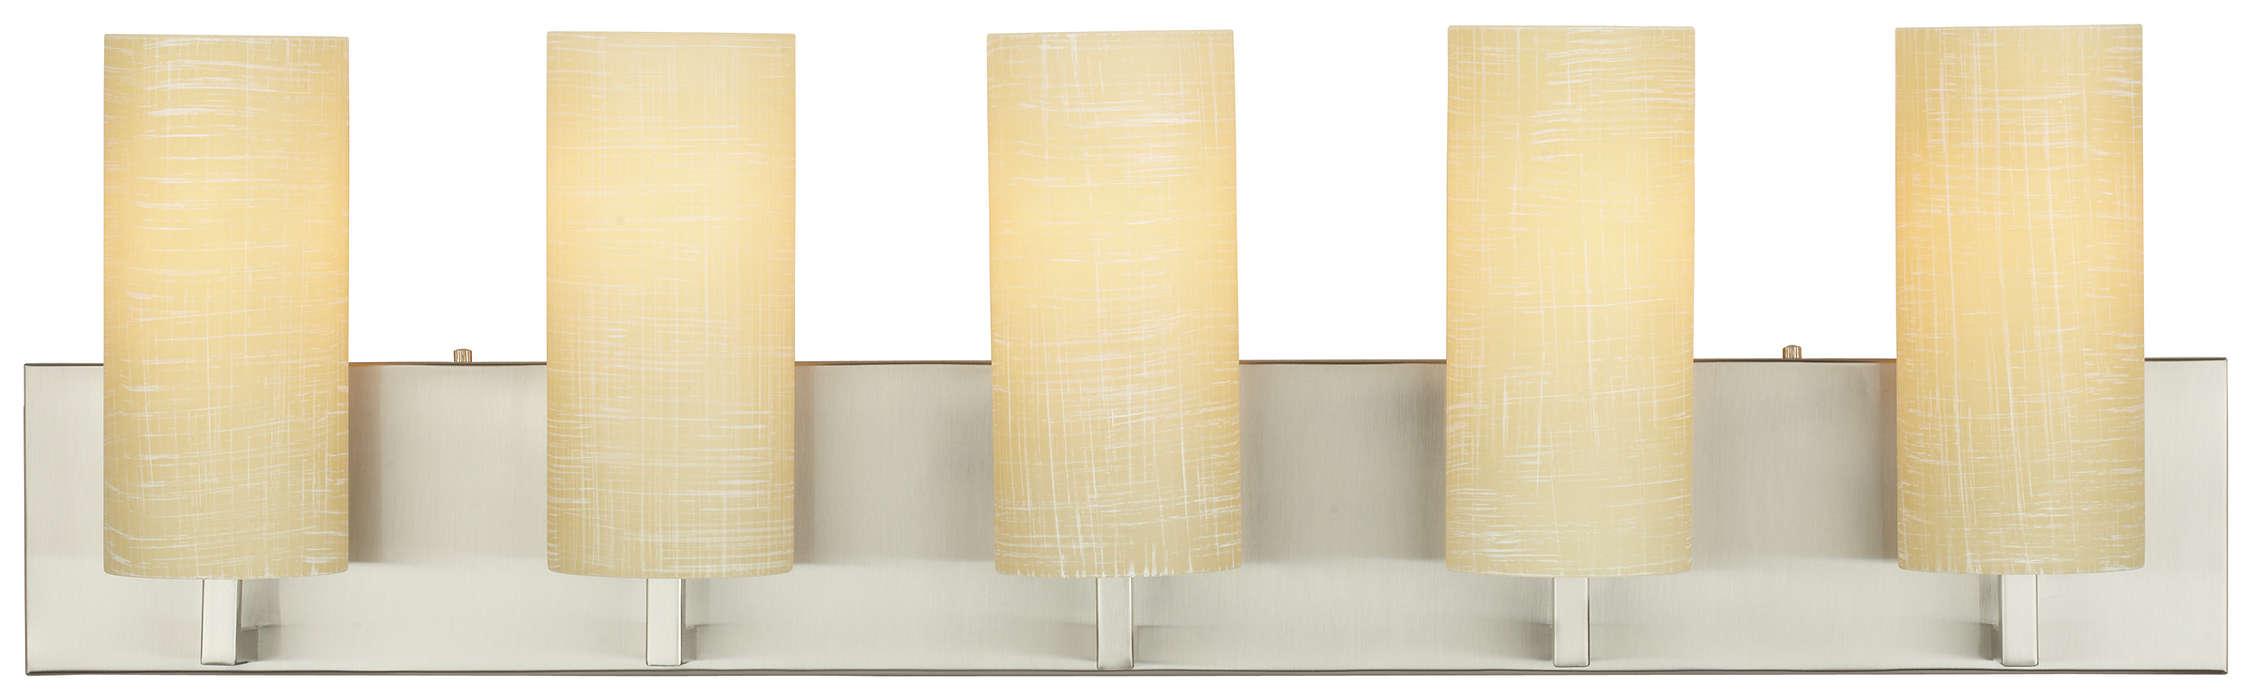 Cambria 5-light Bath in Satin Nickel finish